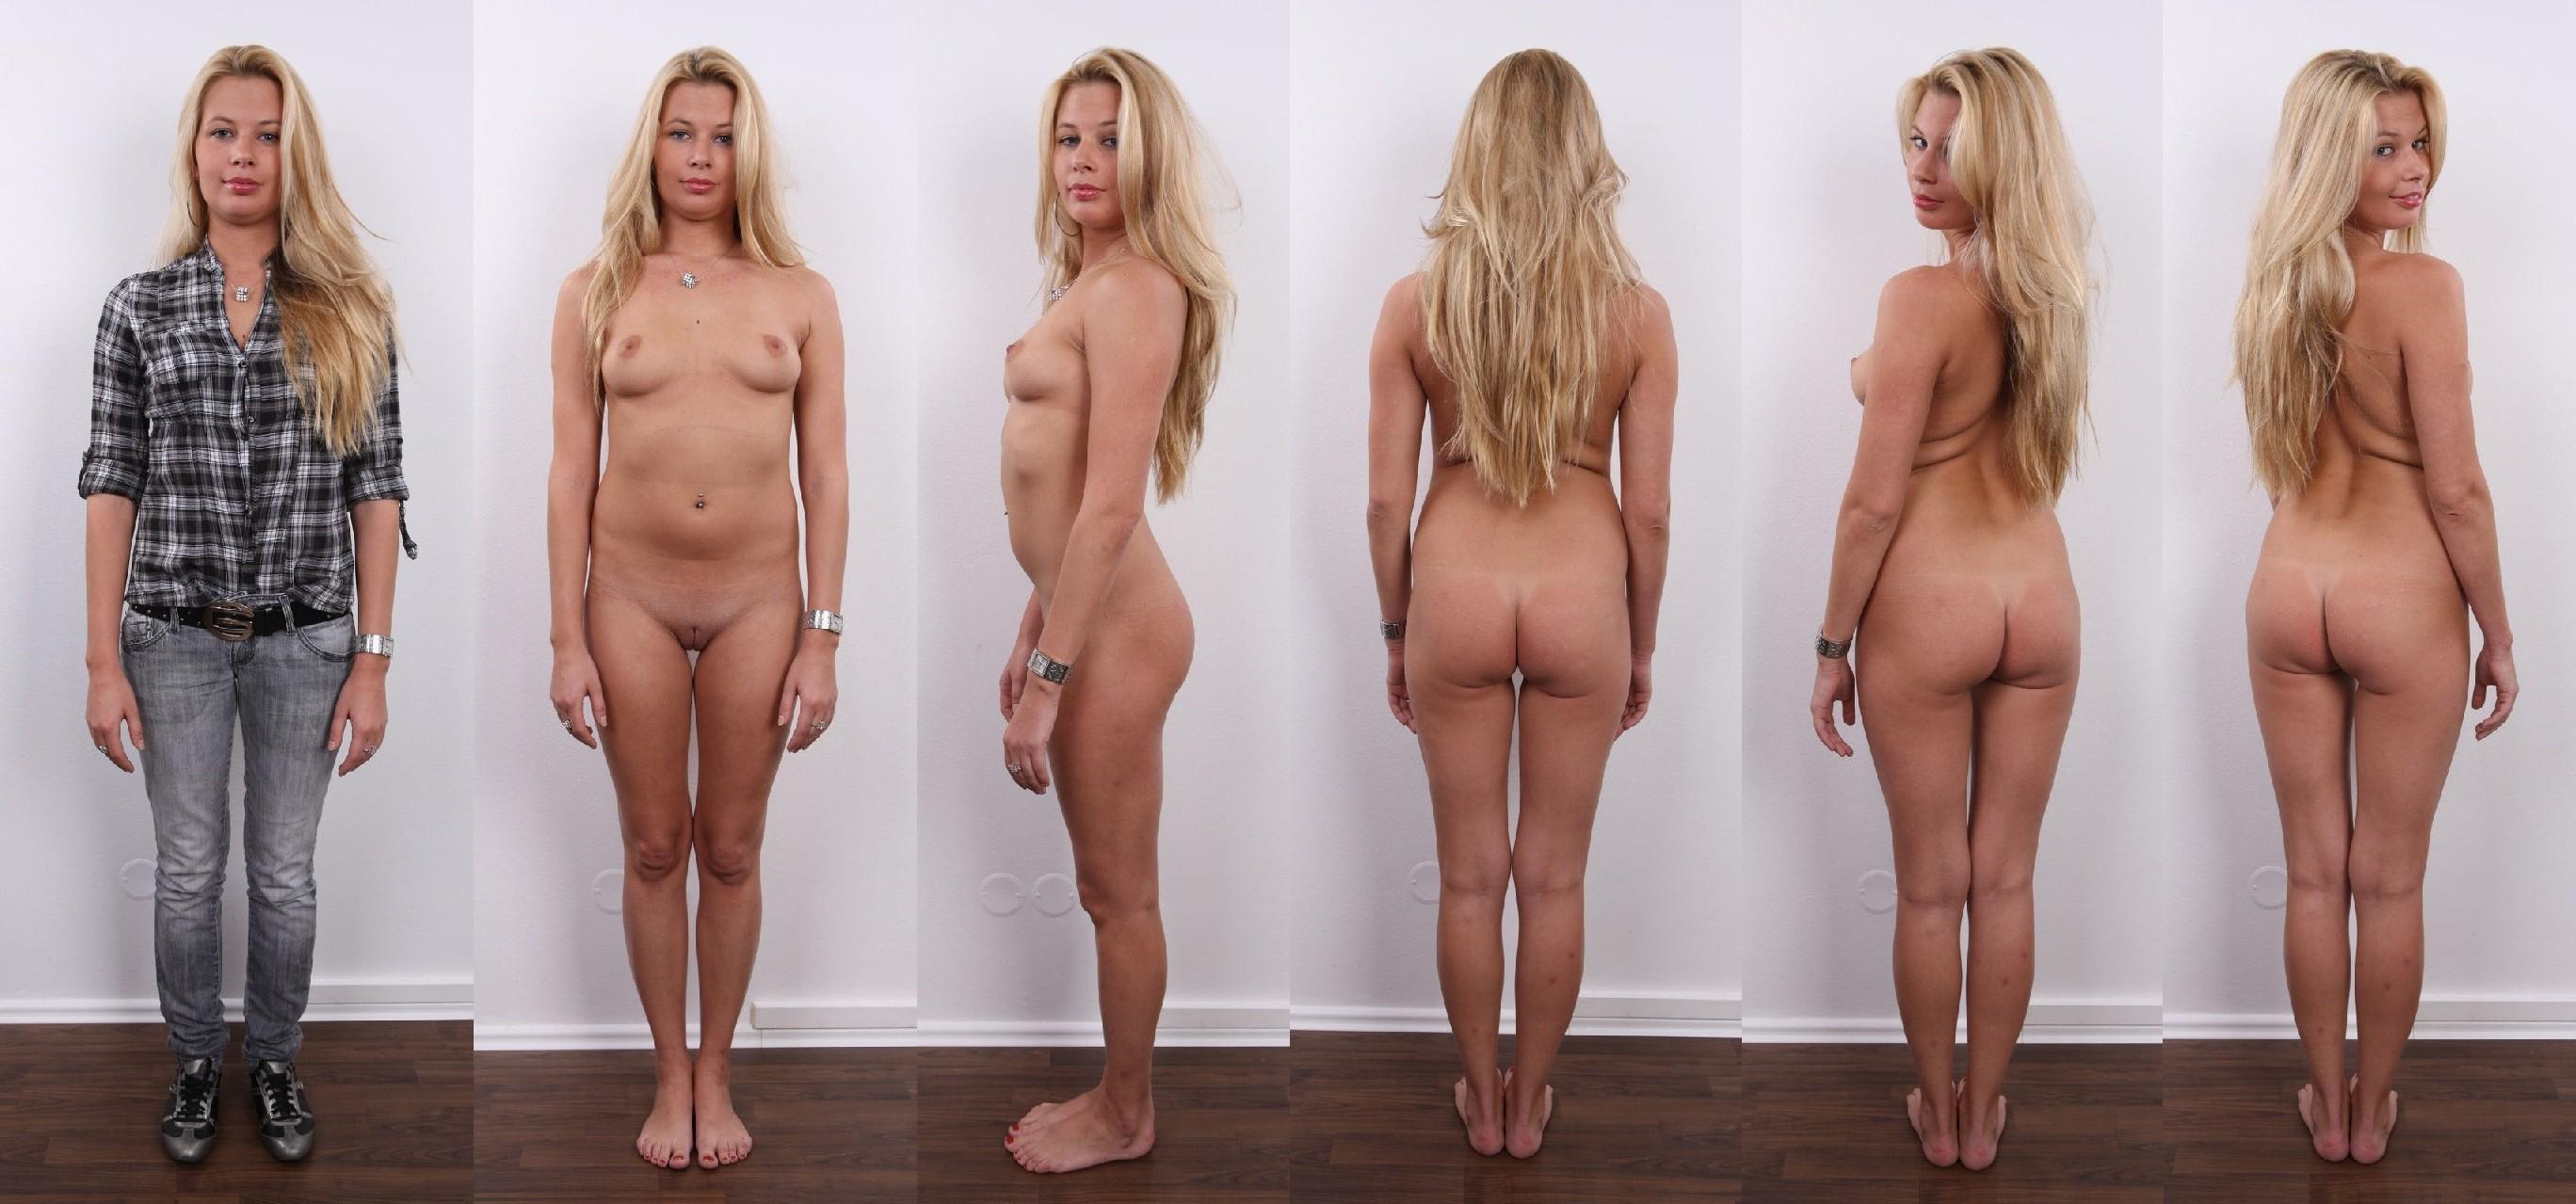 Раздетые сексуальные женщины, Голые зрелые женщины - порно фото (русские, красивые) 7 фотография